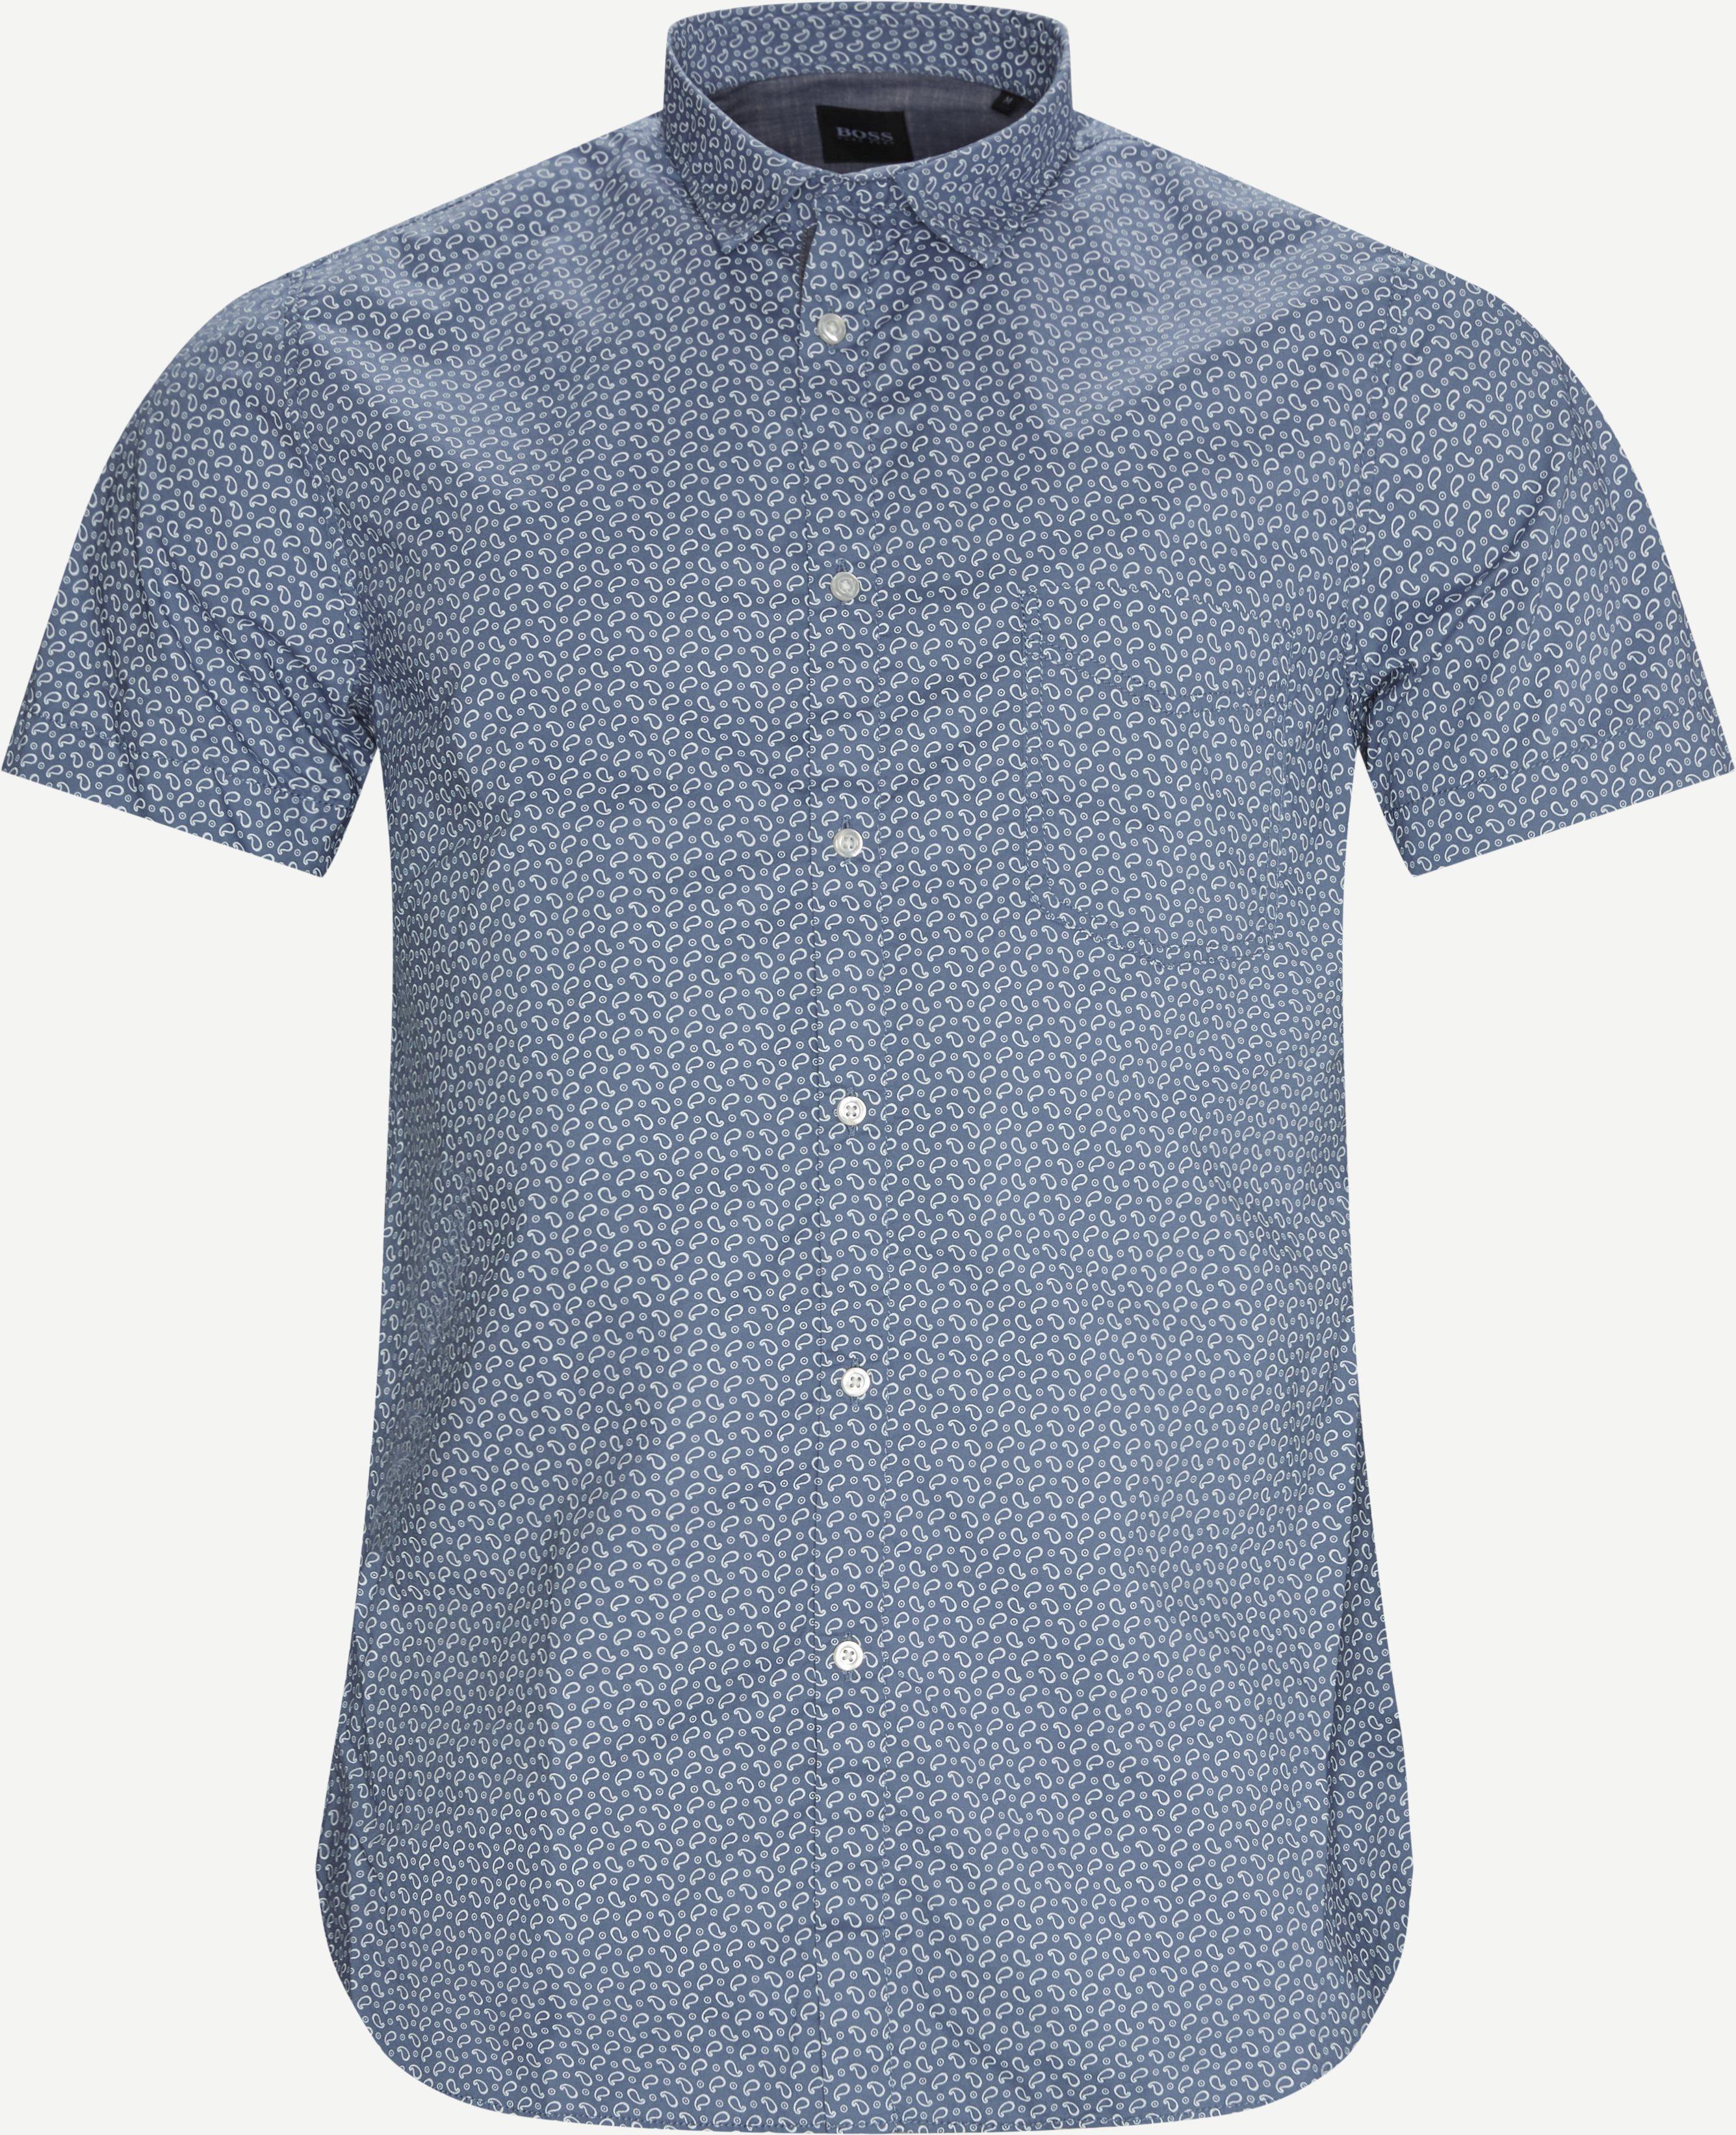 Gemusterte Hemden - Slim - Blau